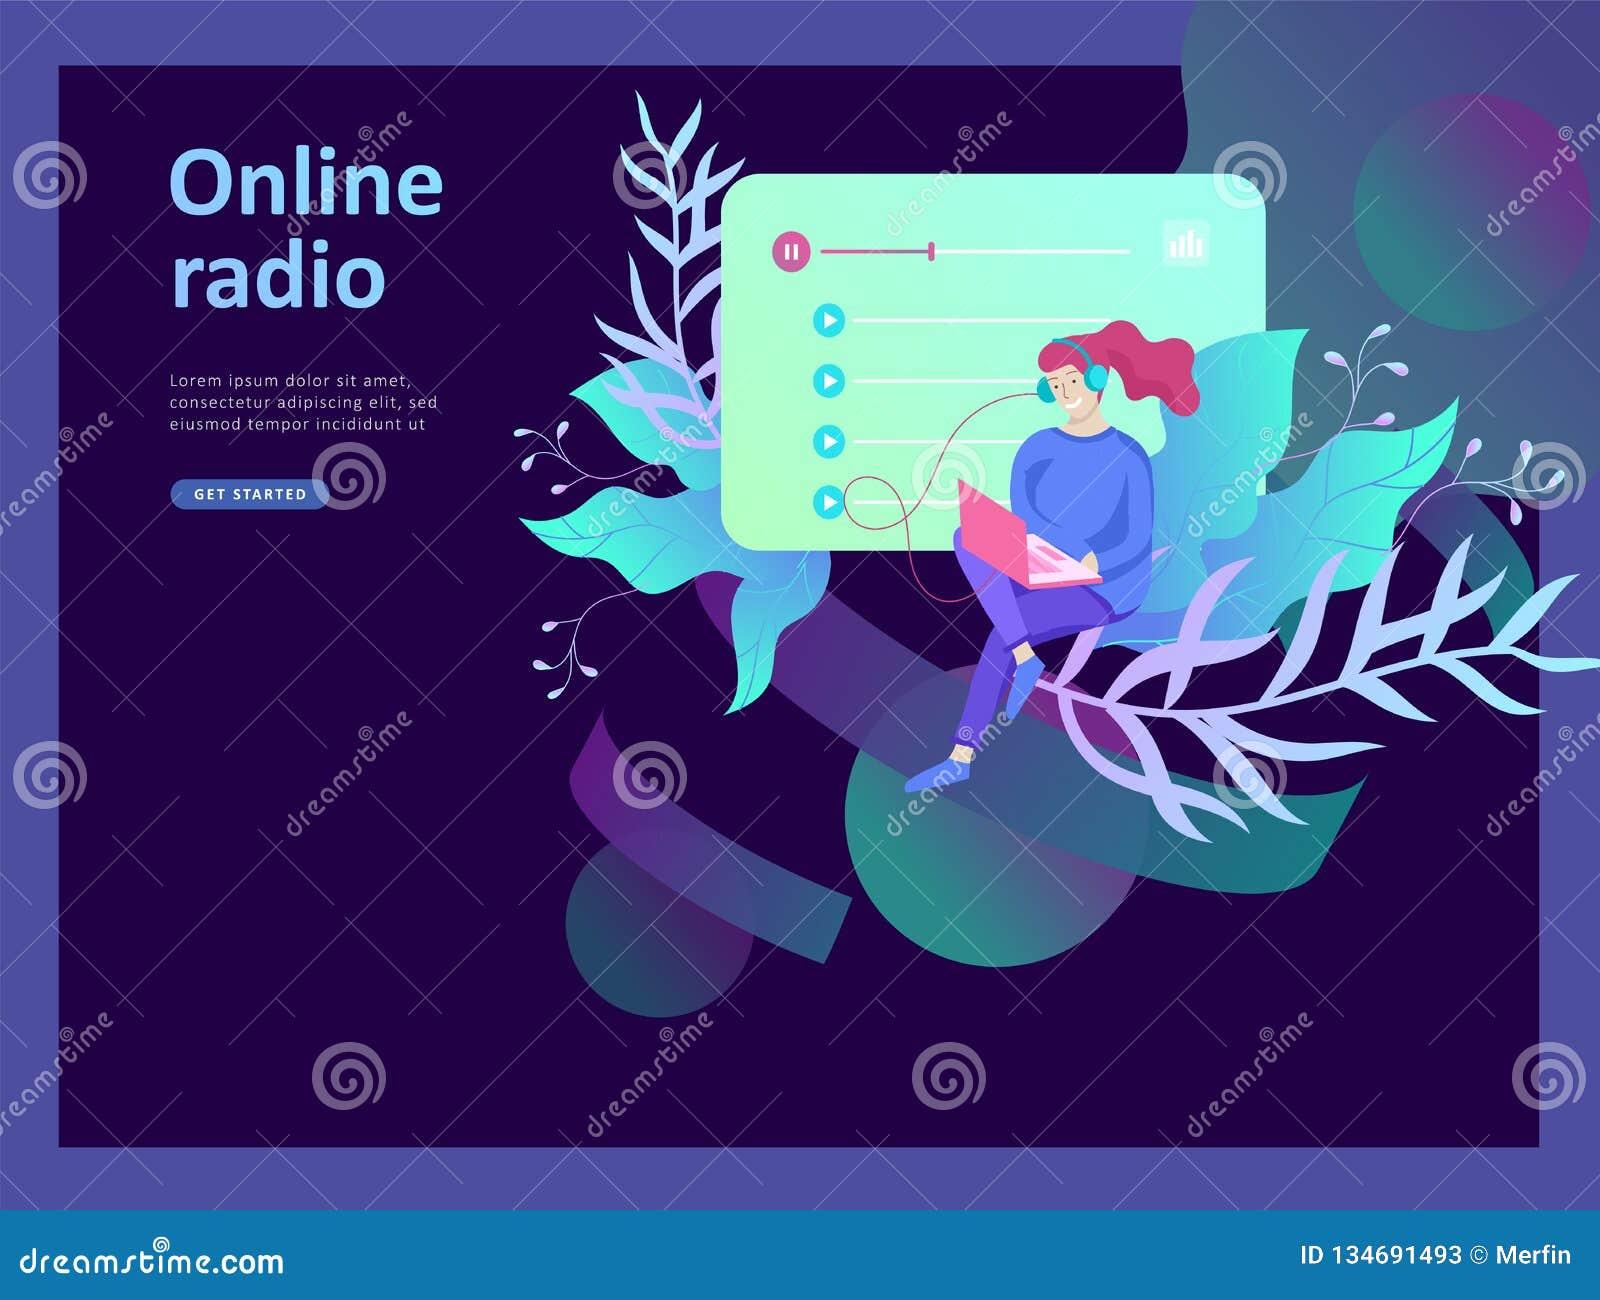 Концепция радио интернета онлайн течь слушать, люди ослабляет для того чтобы слушать танец Применения музыки, репертуар онлайн